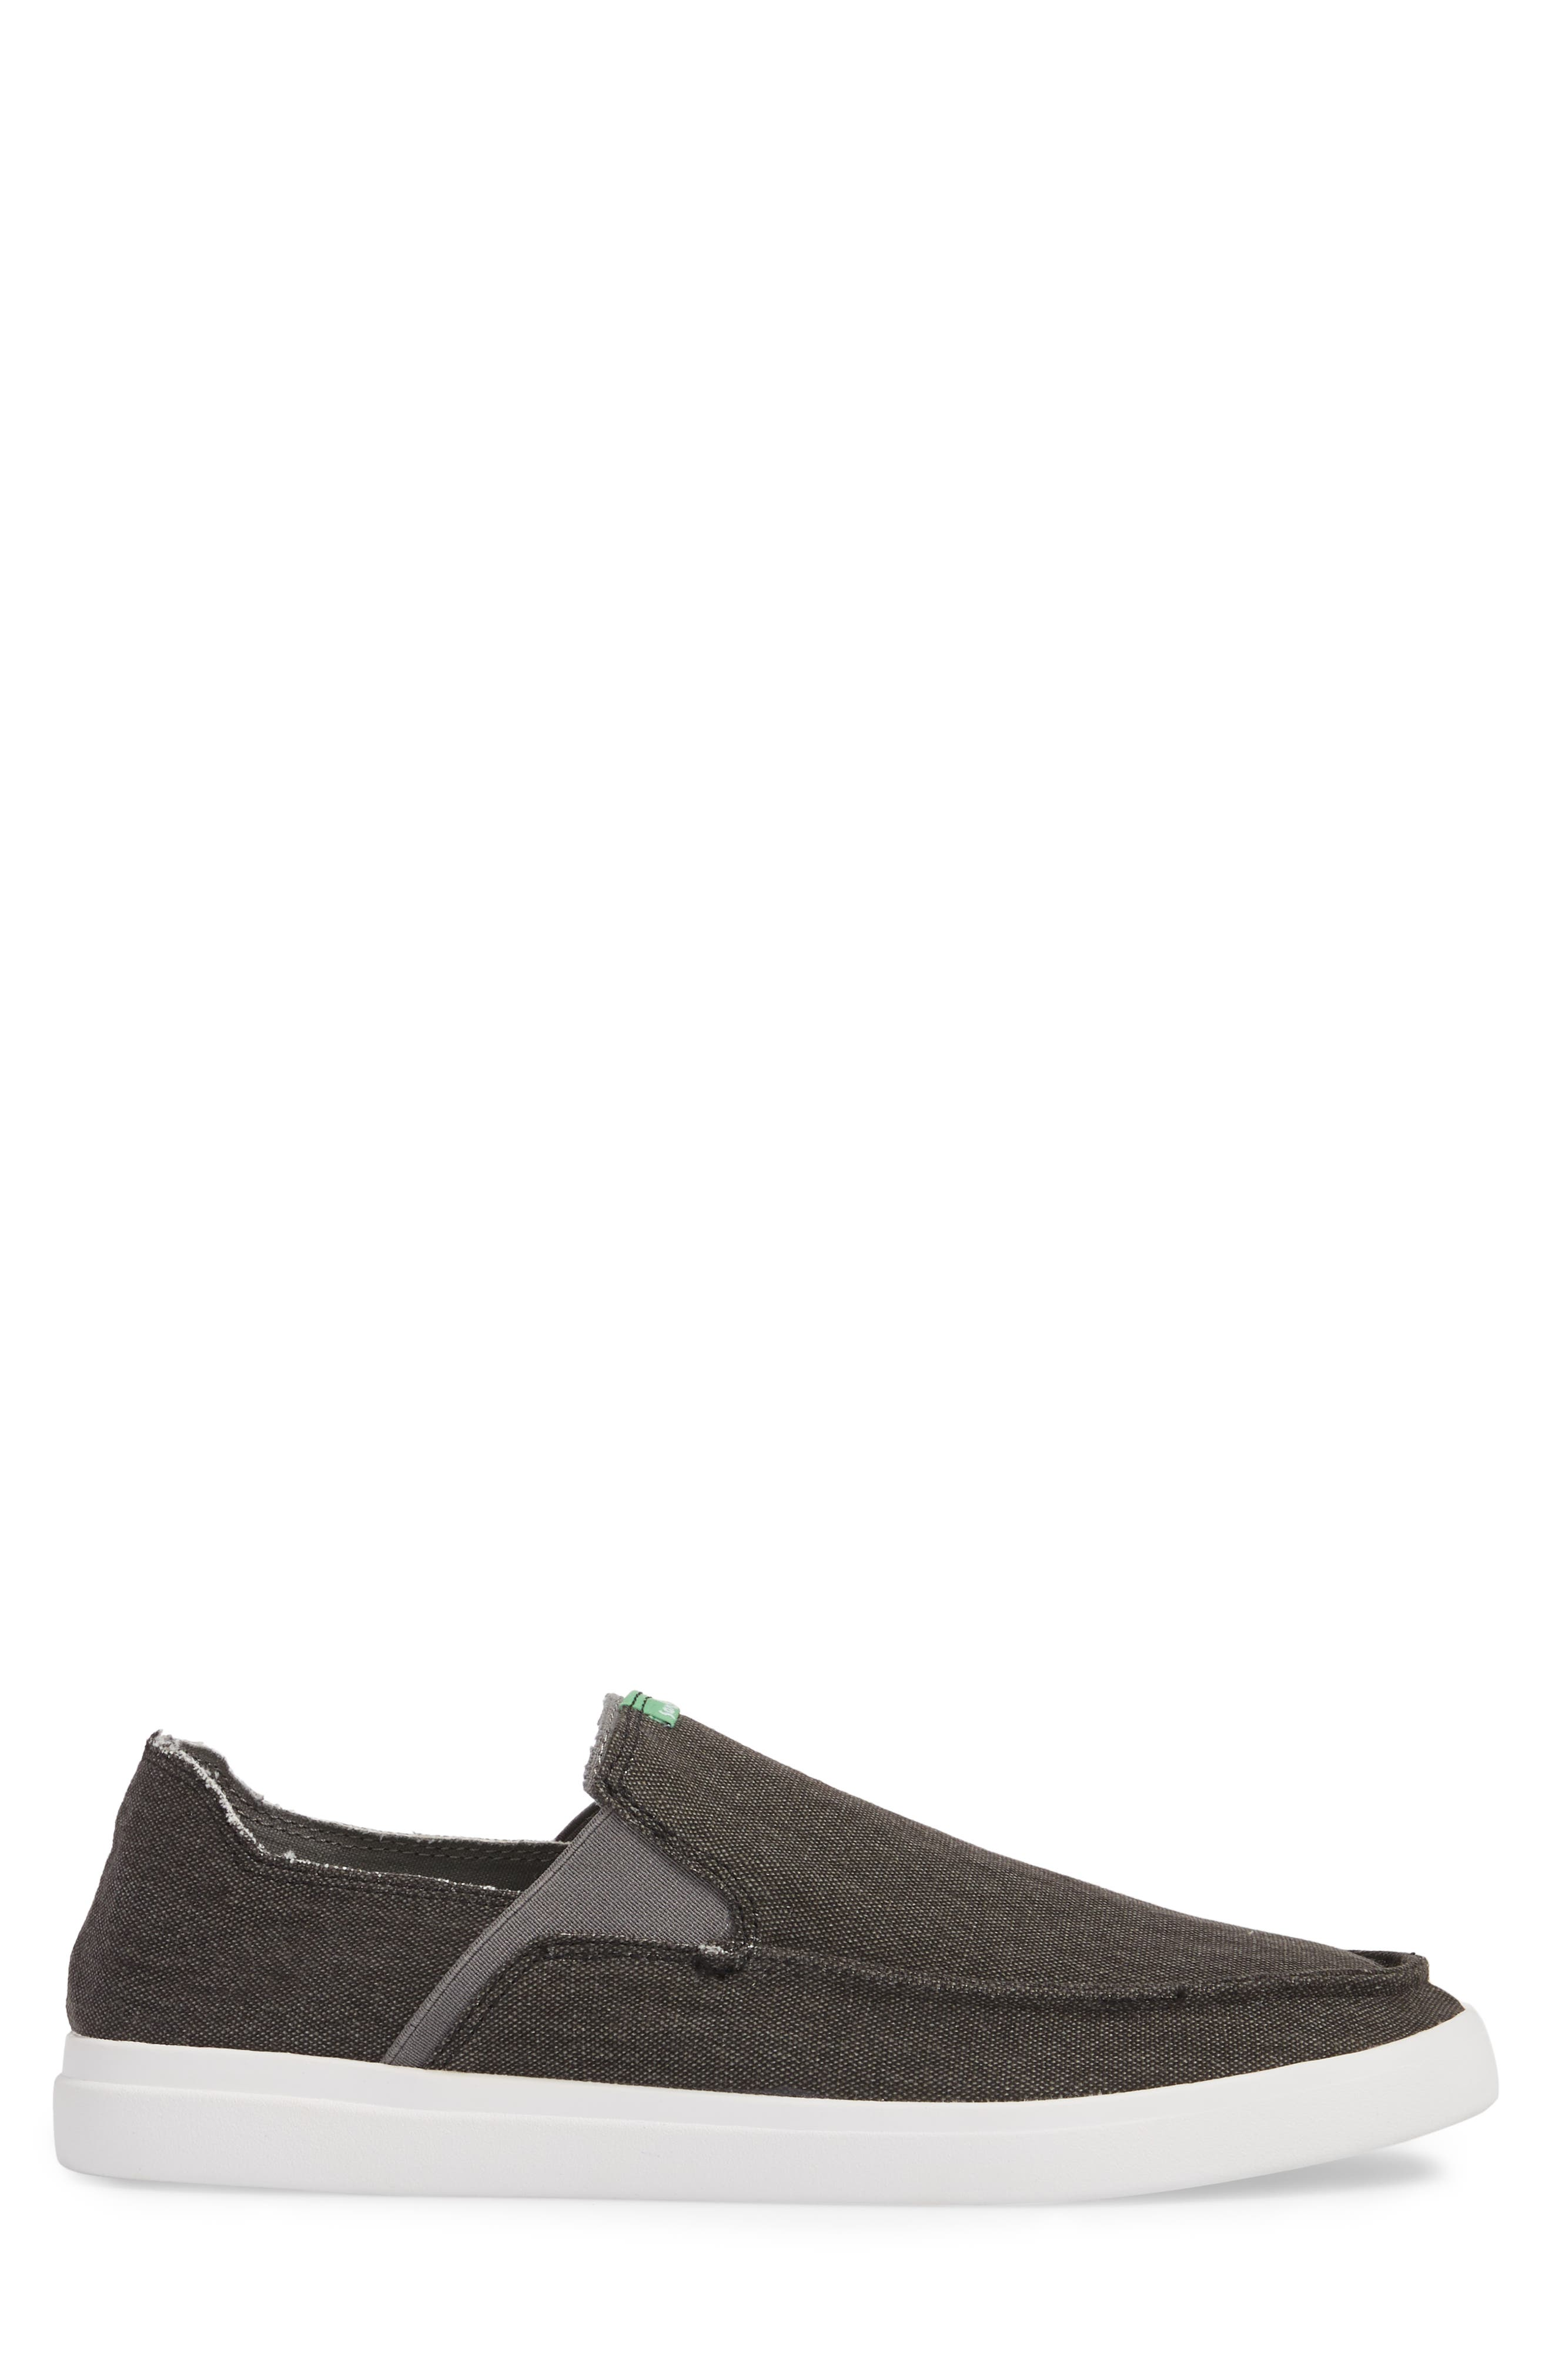 Pickpocket Slip-On Sneaker,                             Alternate thumbnail 3, color,                             BLACK